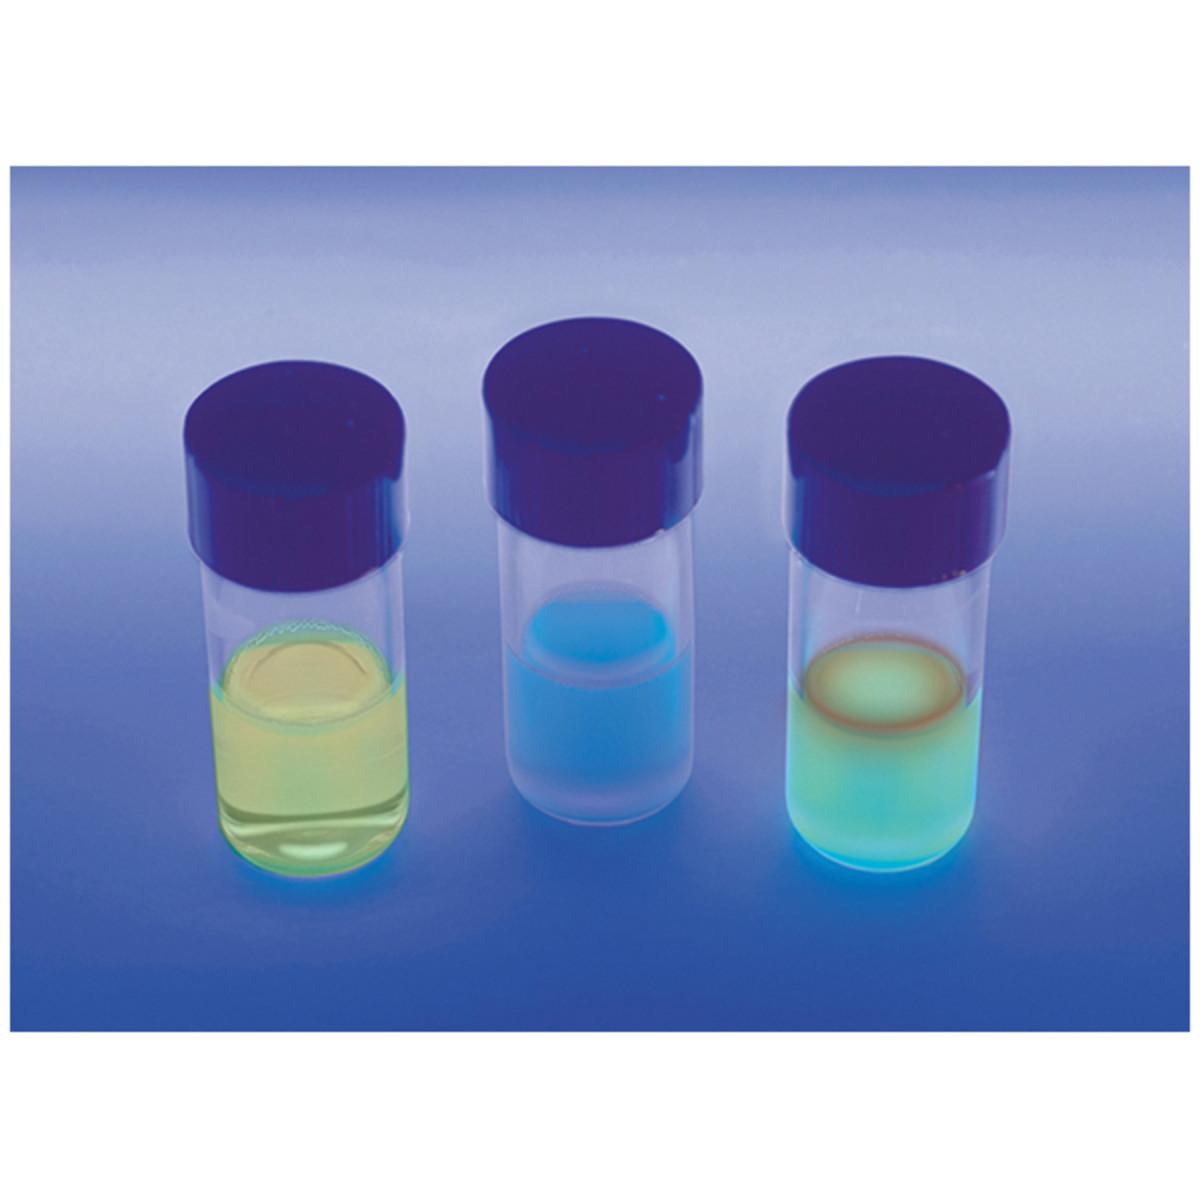 Vattenanalys - koliforma bakterier och E. coli - Edvotek